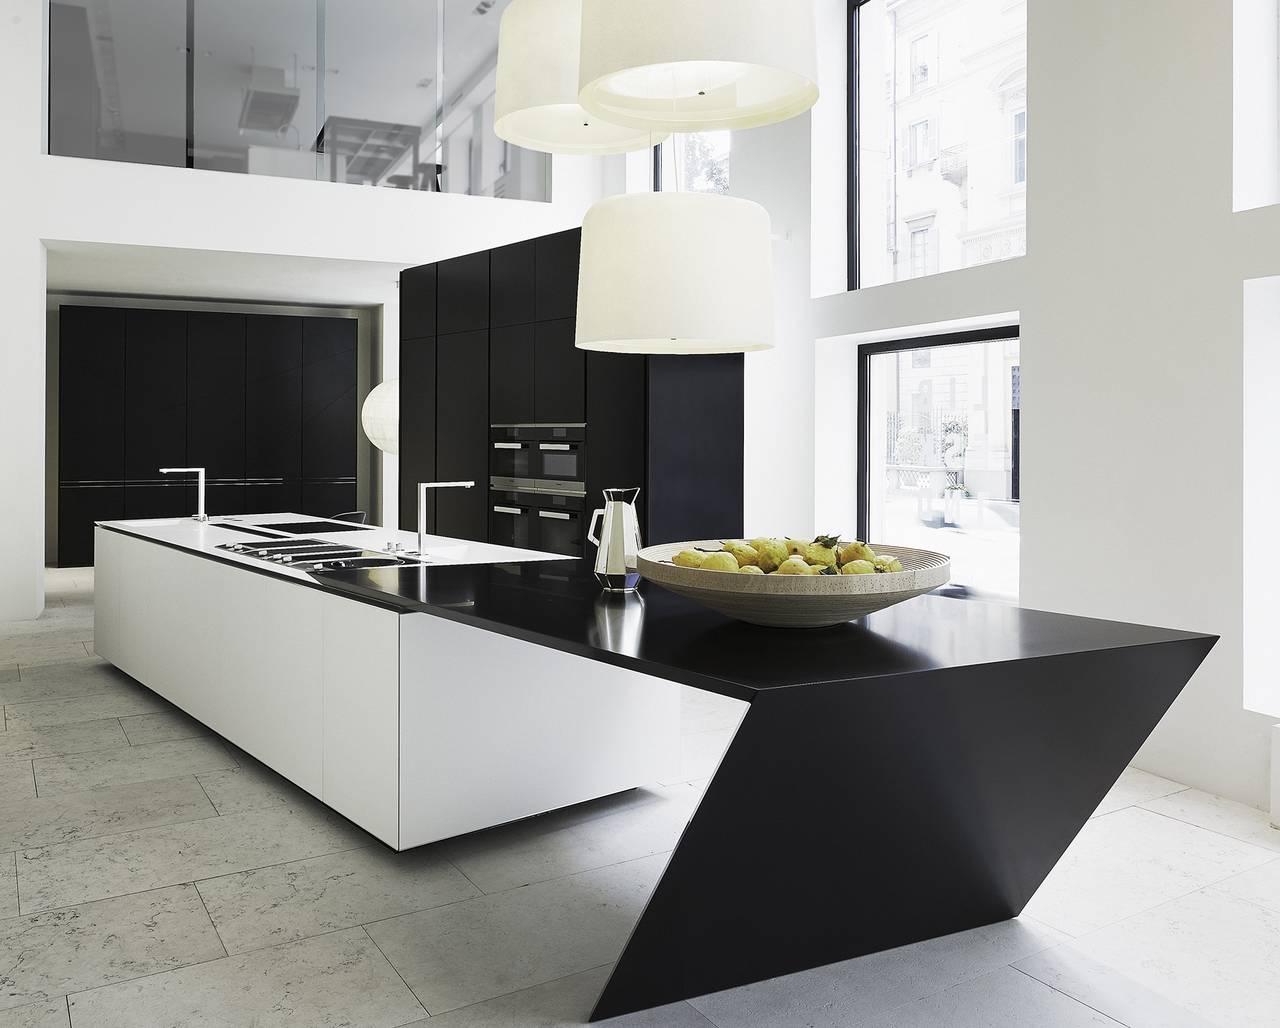 Nelle cucine in solid surfaces il design incontra l - Aziende cucine design ...